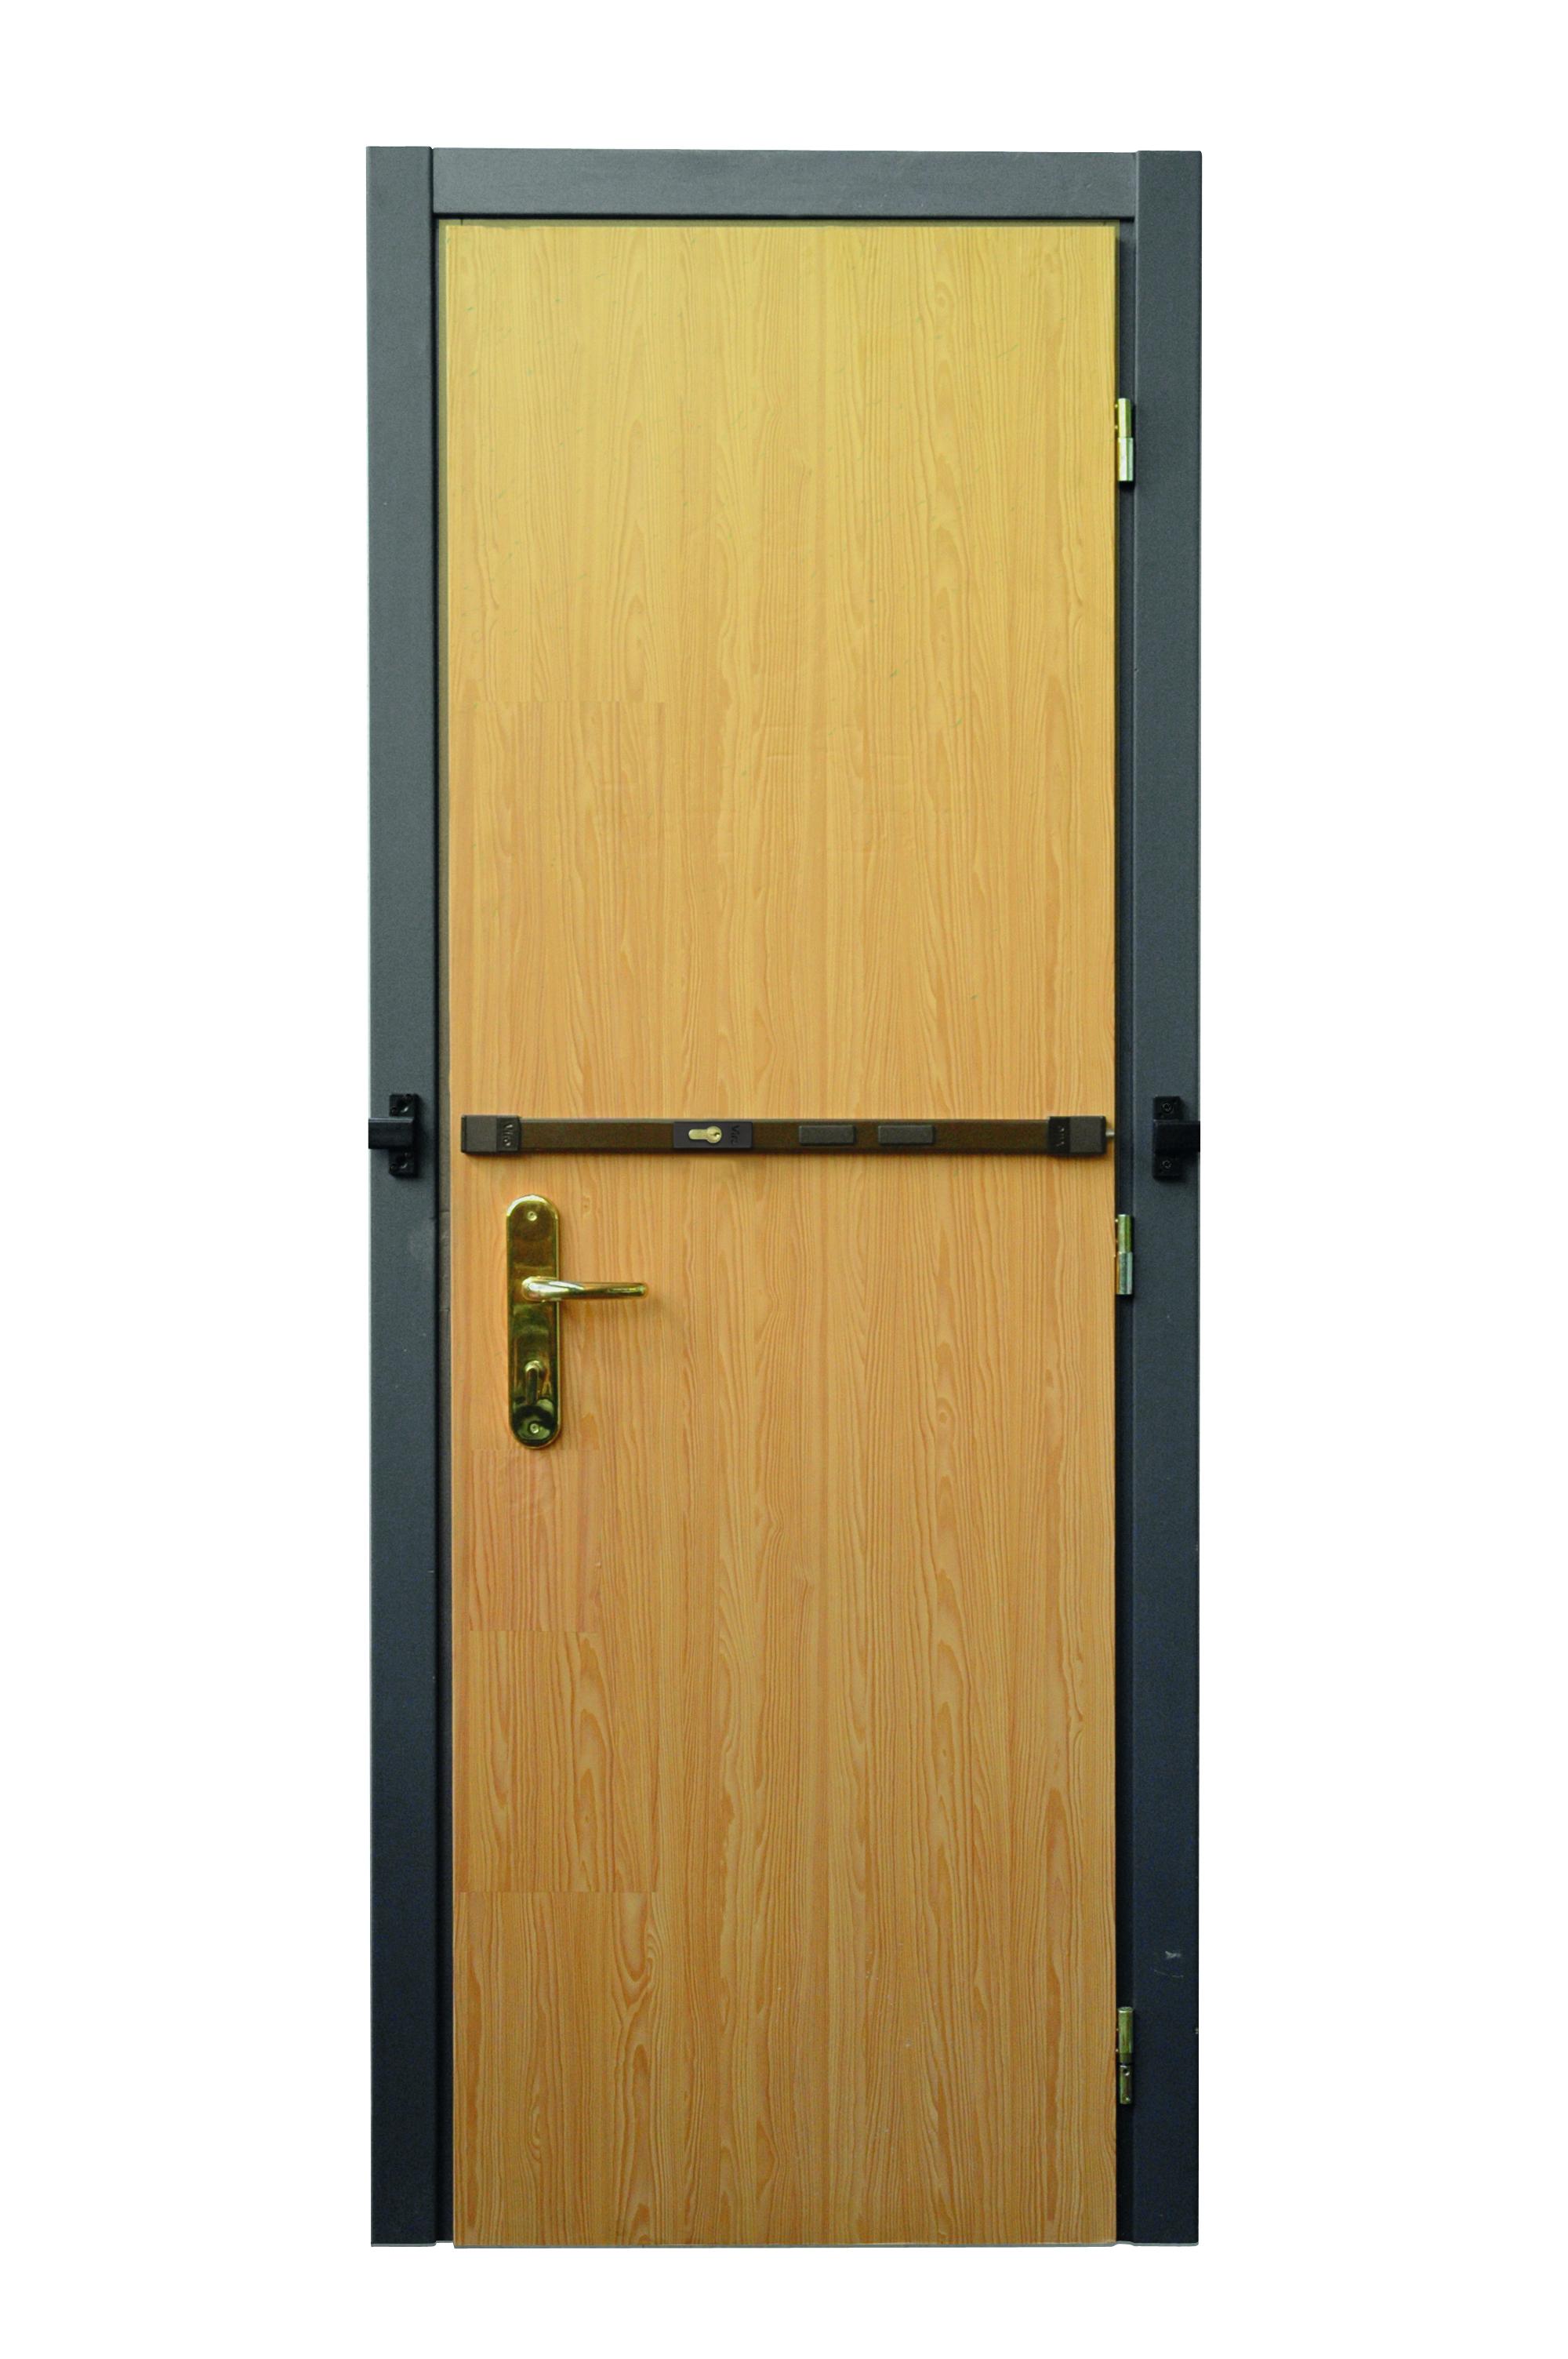 Adjustable Apartment Door Lock